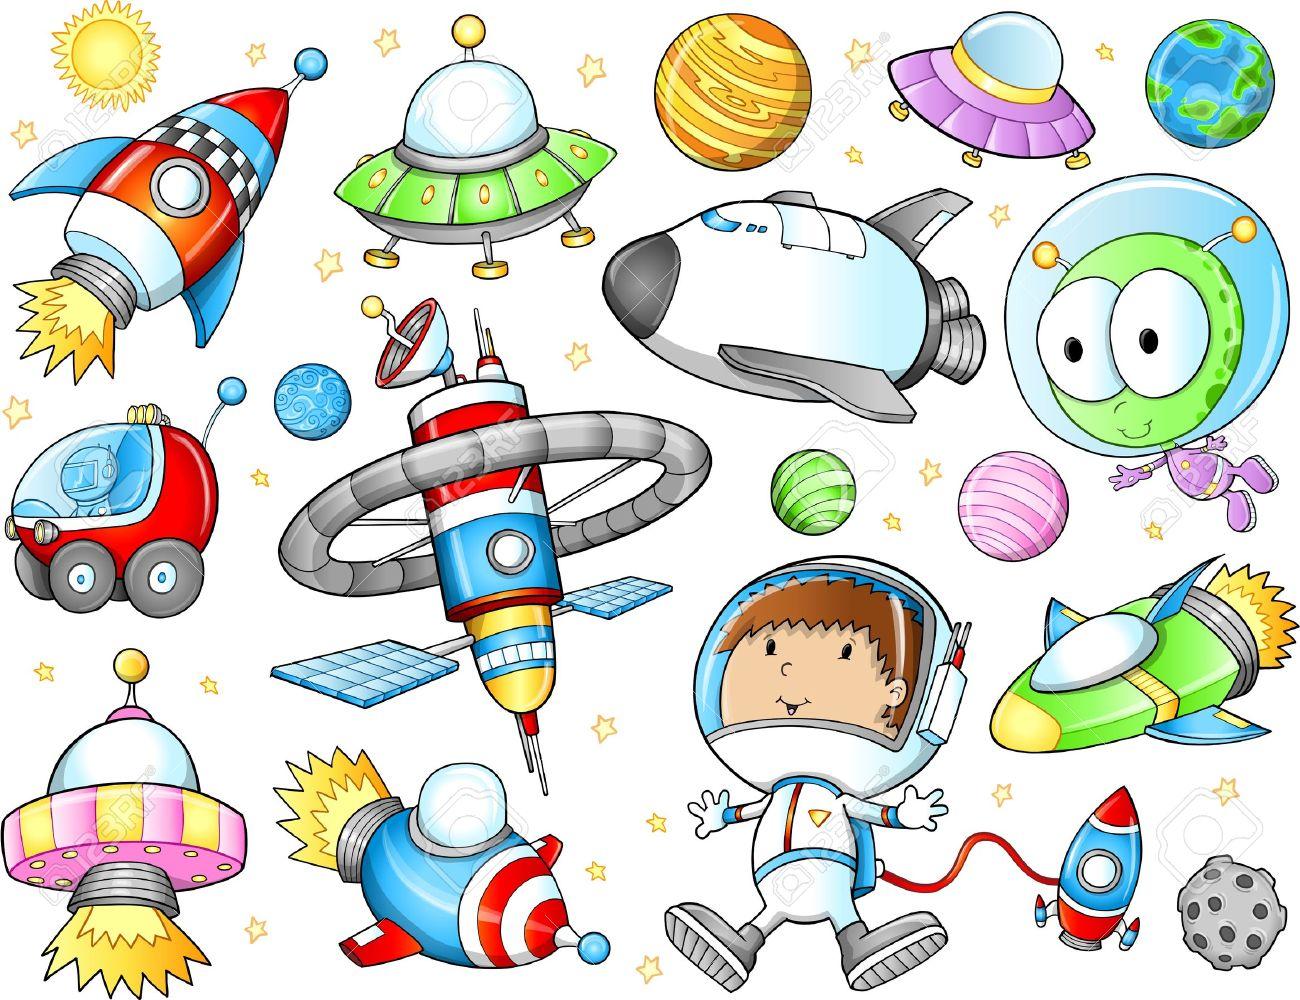 かわいい宇宙宇宙船および宇宙飛行士ベクトルを設定のイラスト素材